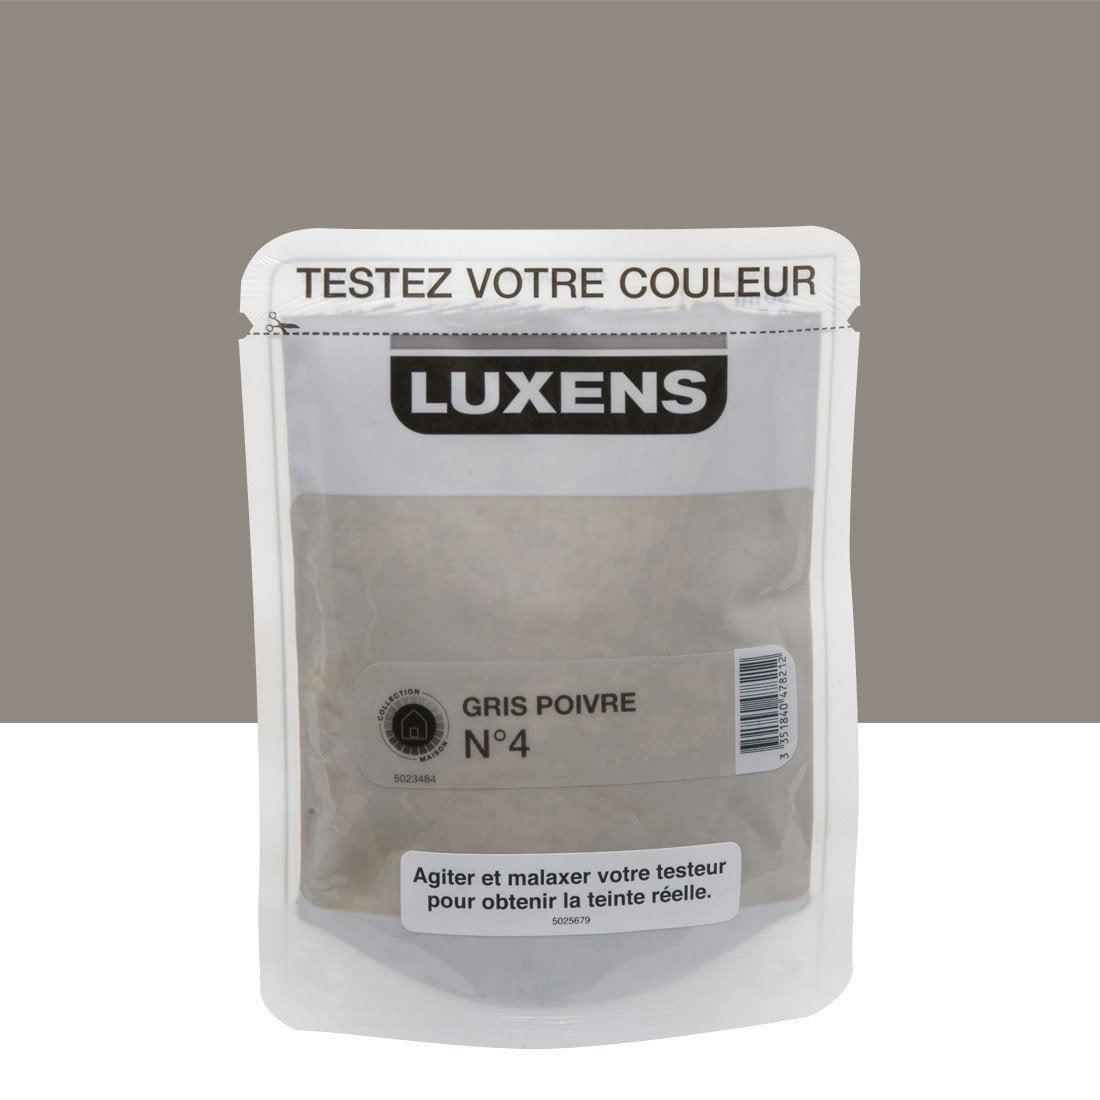 Testeur peinture gris poivre 4 luxens couleurs int rieures - Echeancier de couleur peinture ...